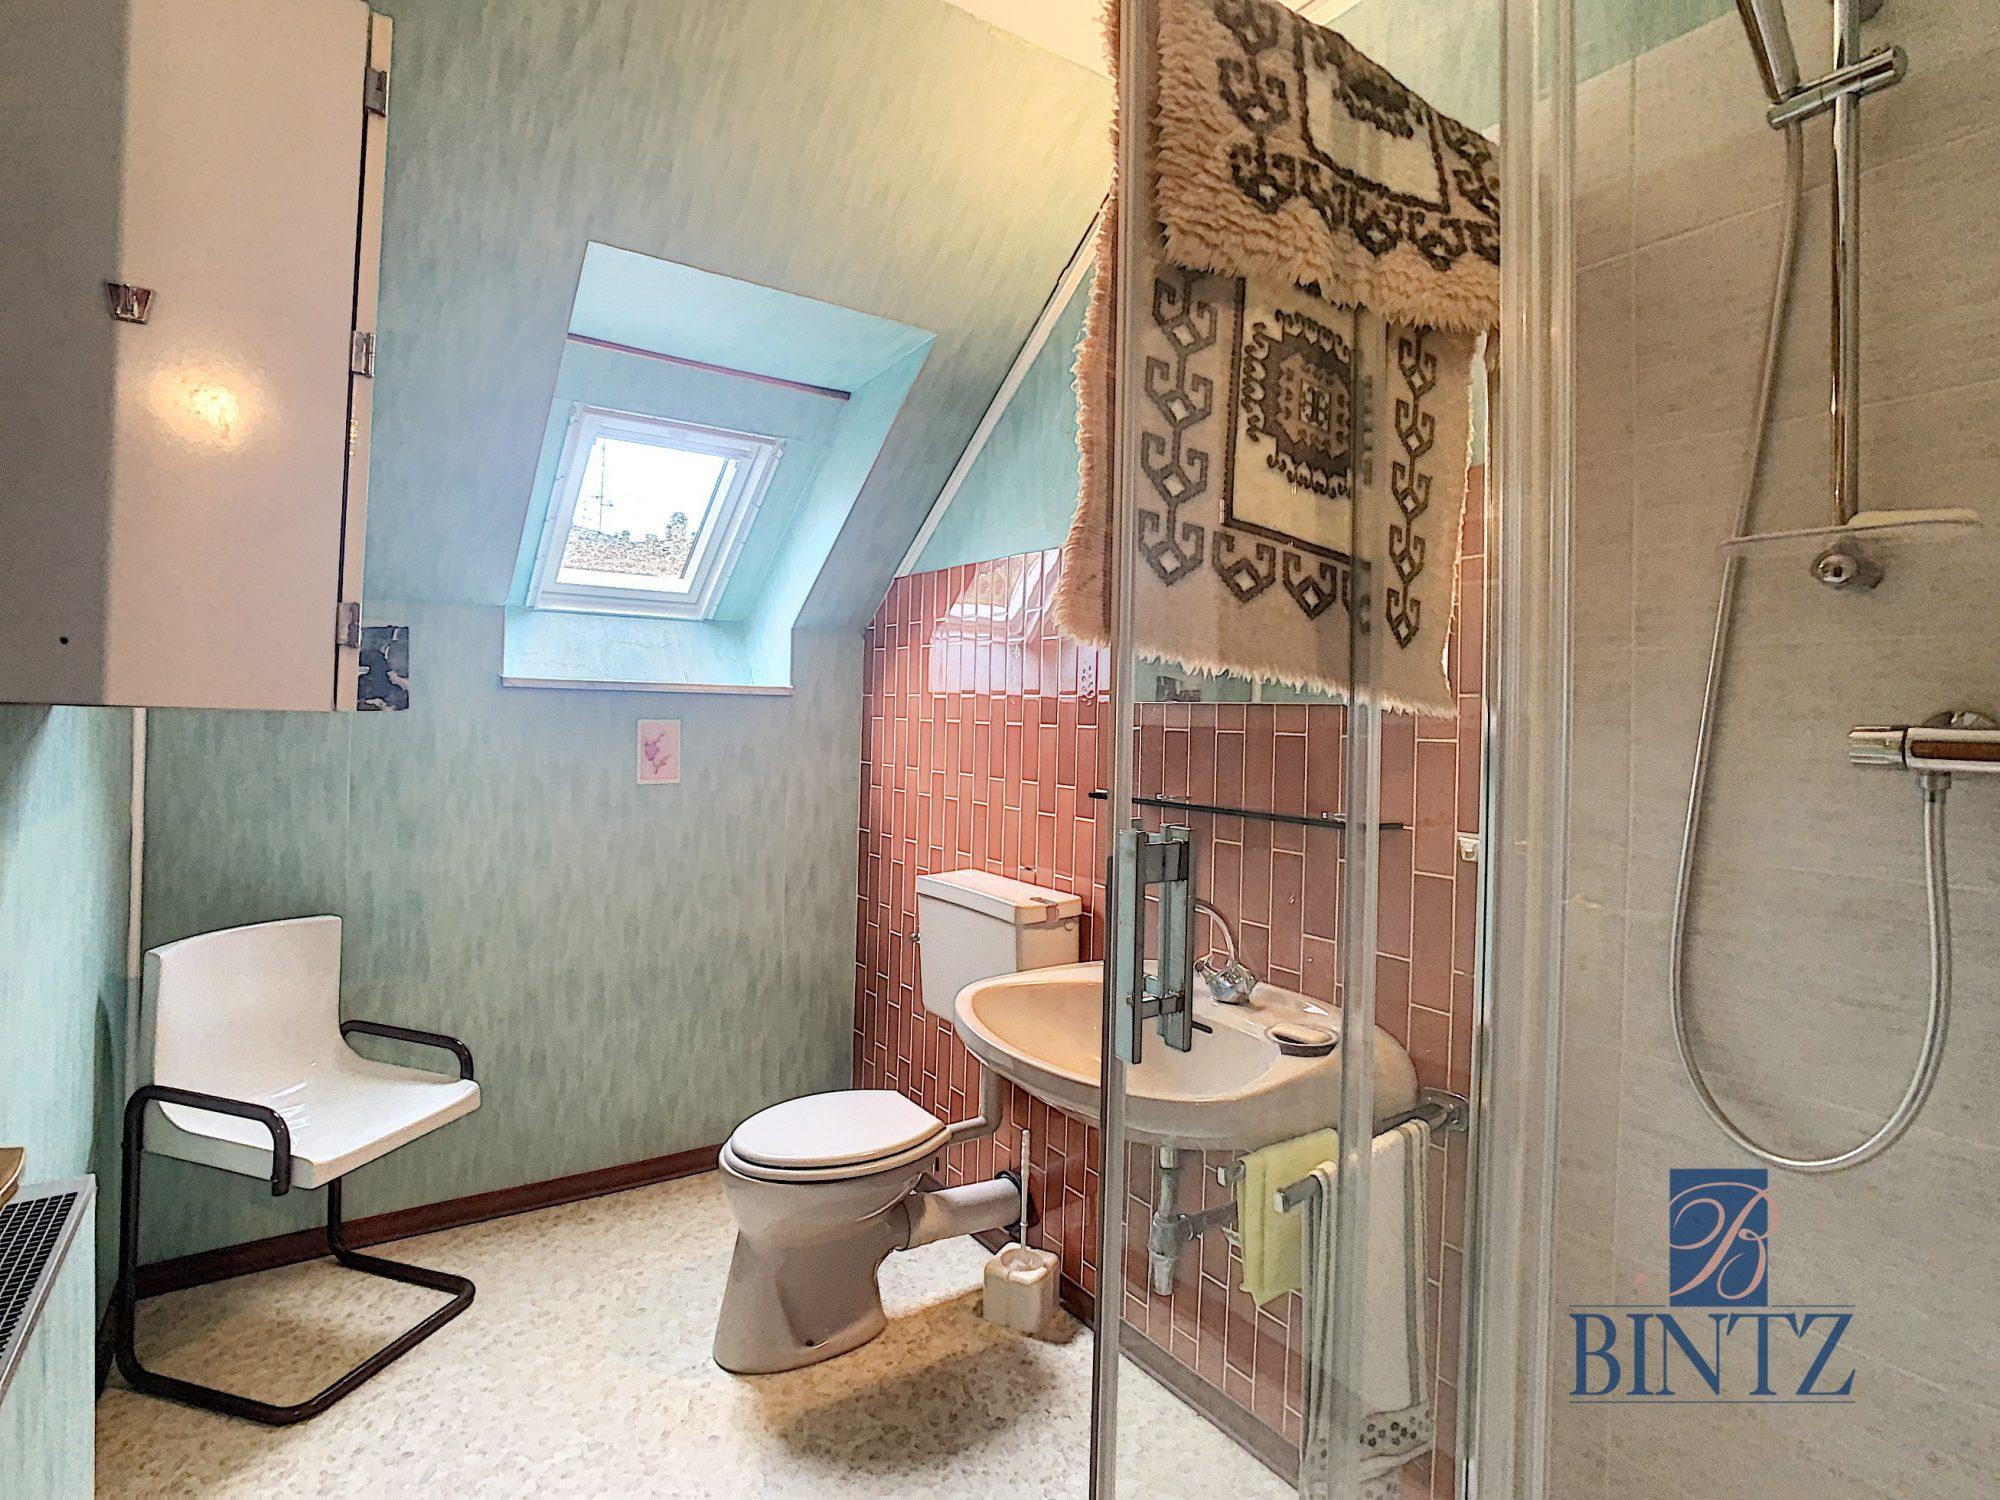 Maison 6 pièces de 157m2 à Strasbourg - Devenez propriétaire en toute confiance - Bintz Immobilier - 9